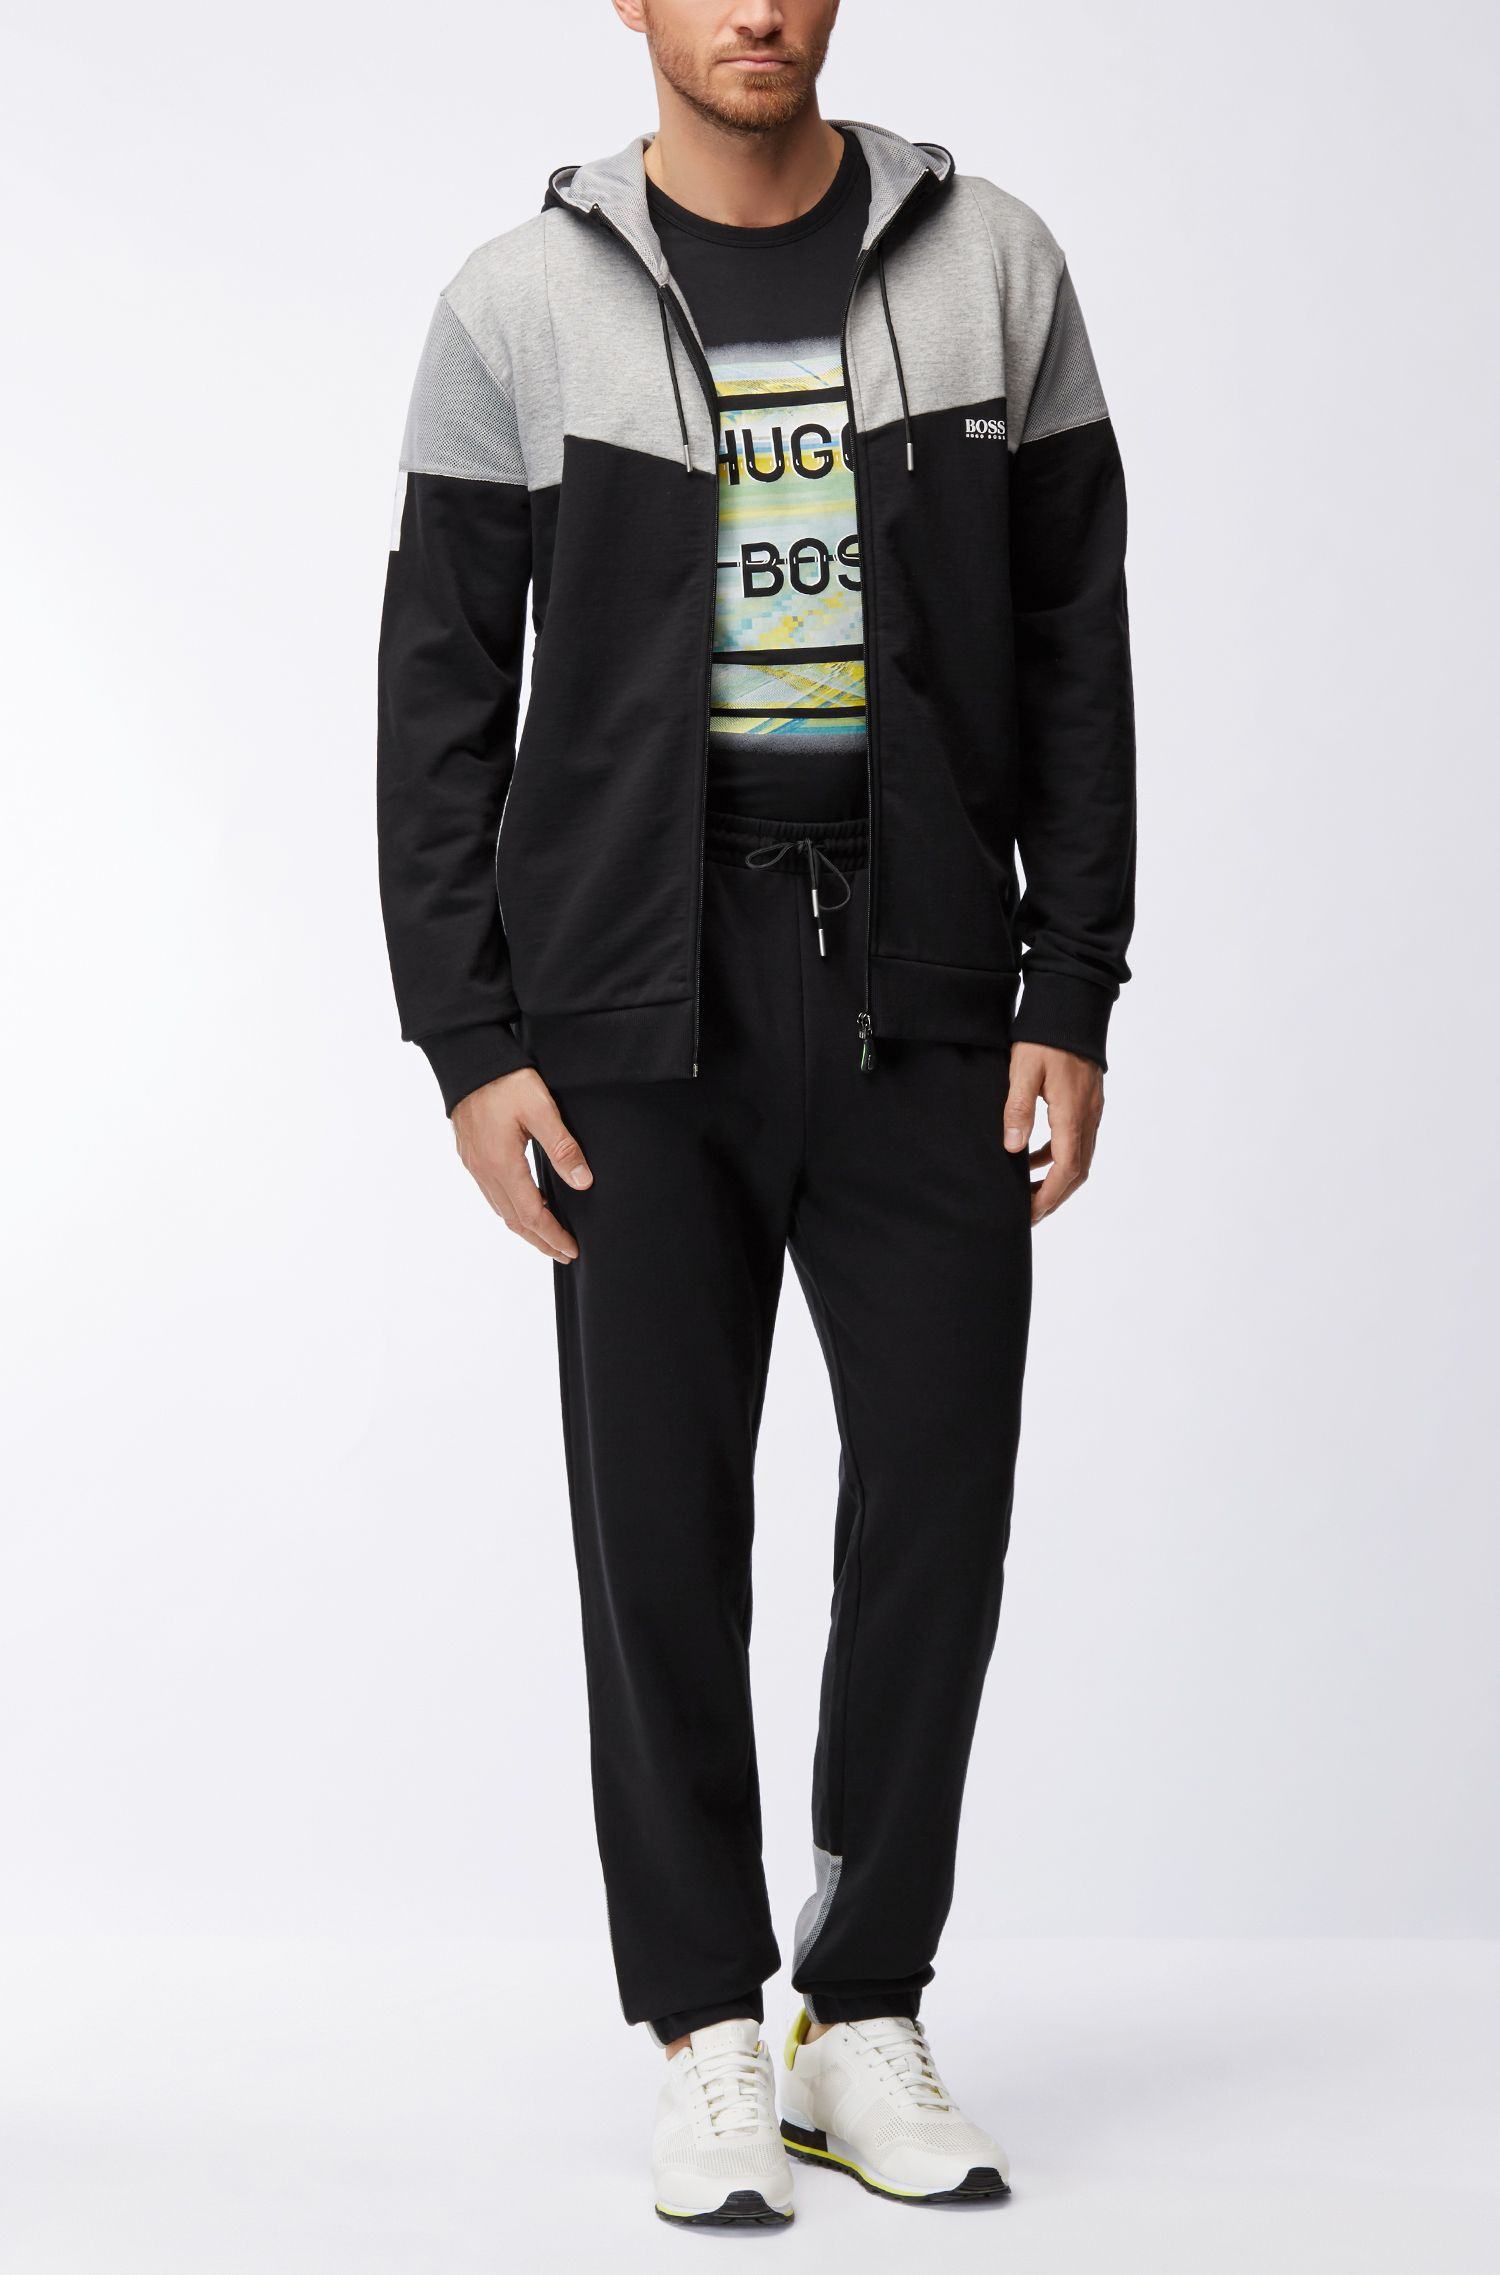 Pantaloni da jogging in cotone con pannelli in rete